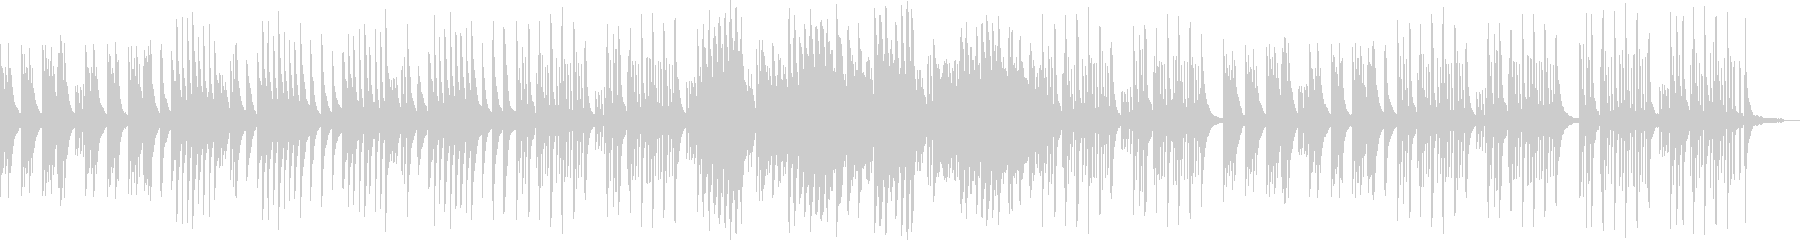 切なさとほのぼのの中間なピアノバラードの未再生の波形